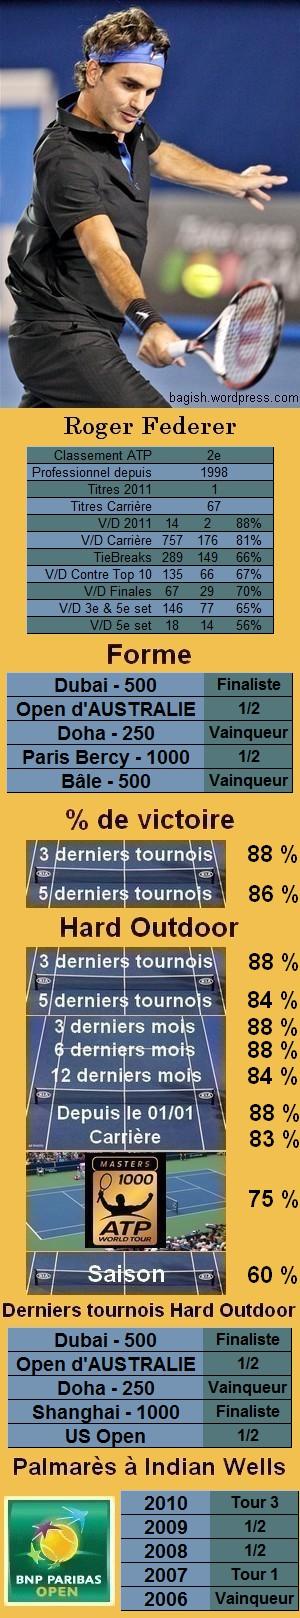 Les statistiques tennis de Roger Federer pour le tournoi de Indian Wells